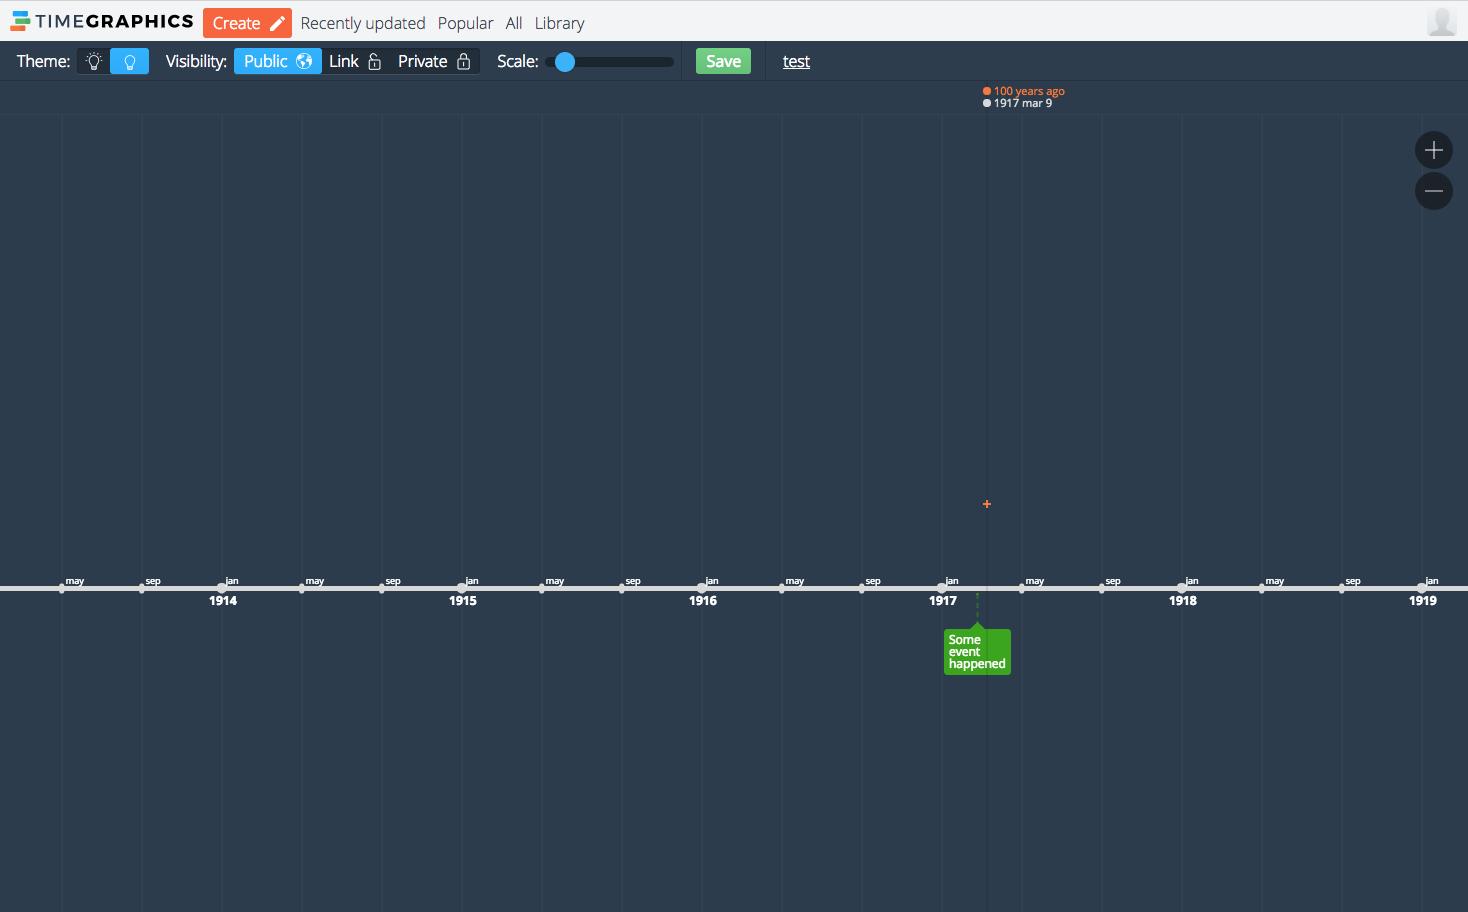 Time graphics: réalisez vos frises chronologiques multimédia en quelques clics